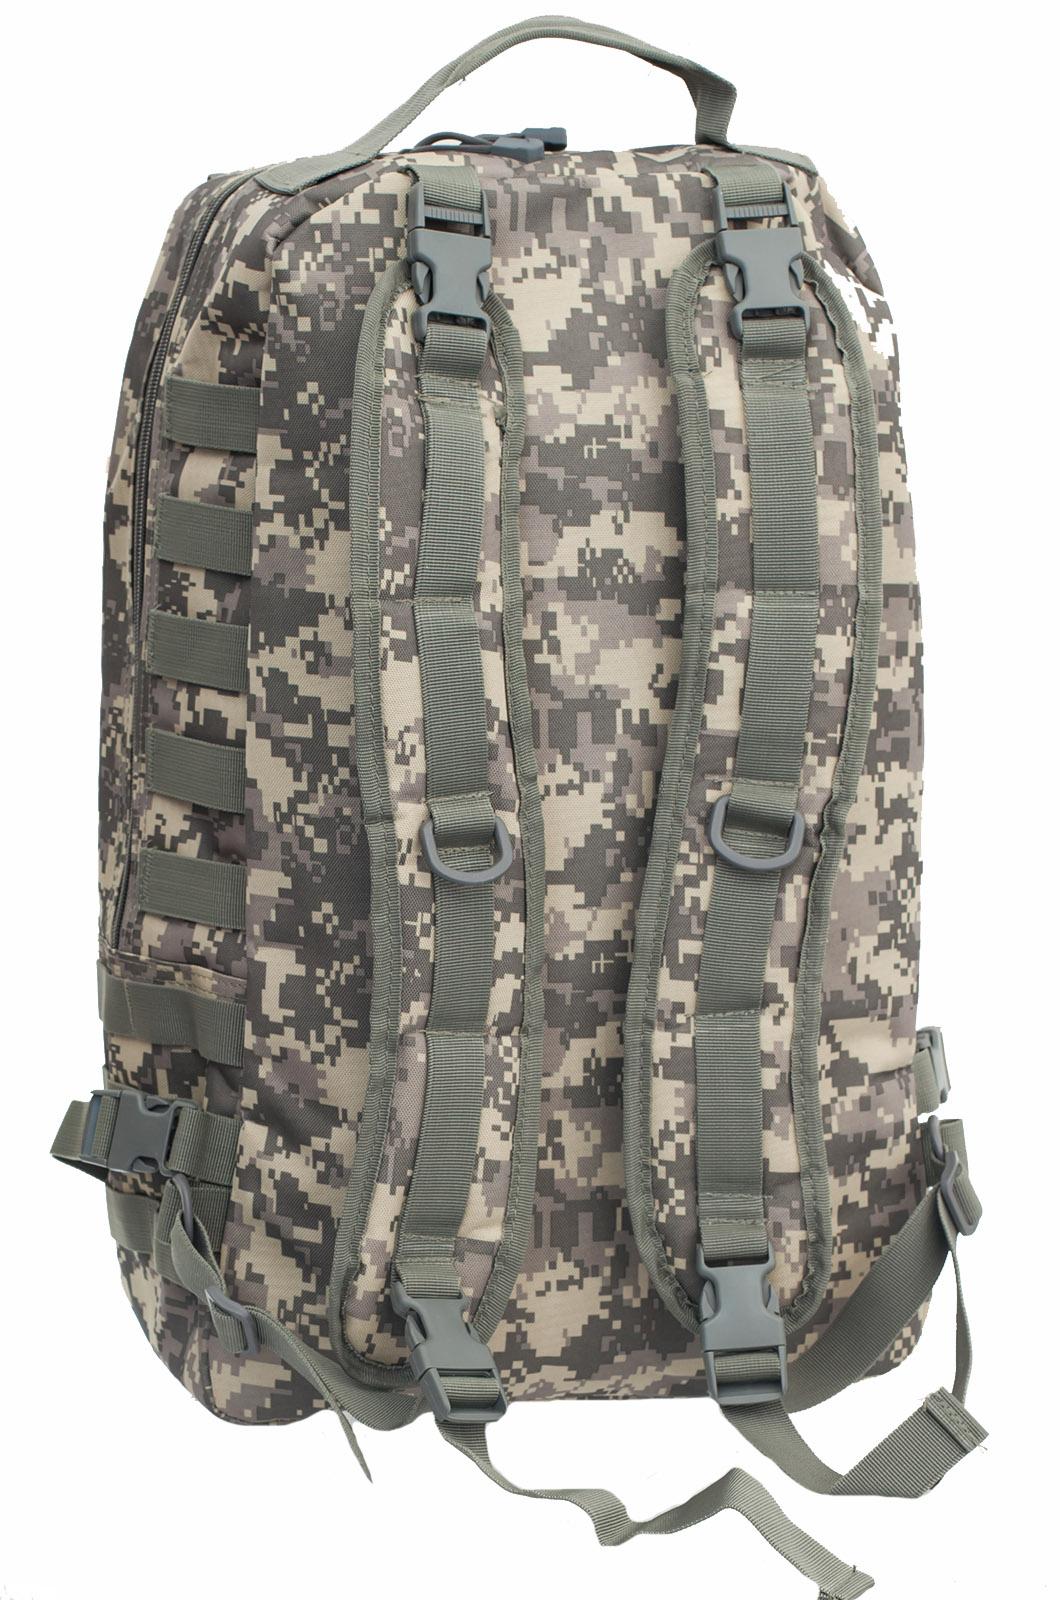 Штурмовой рюкзак в камуфляже с нашивкой «Военная разведка»